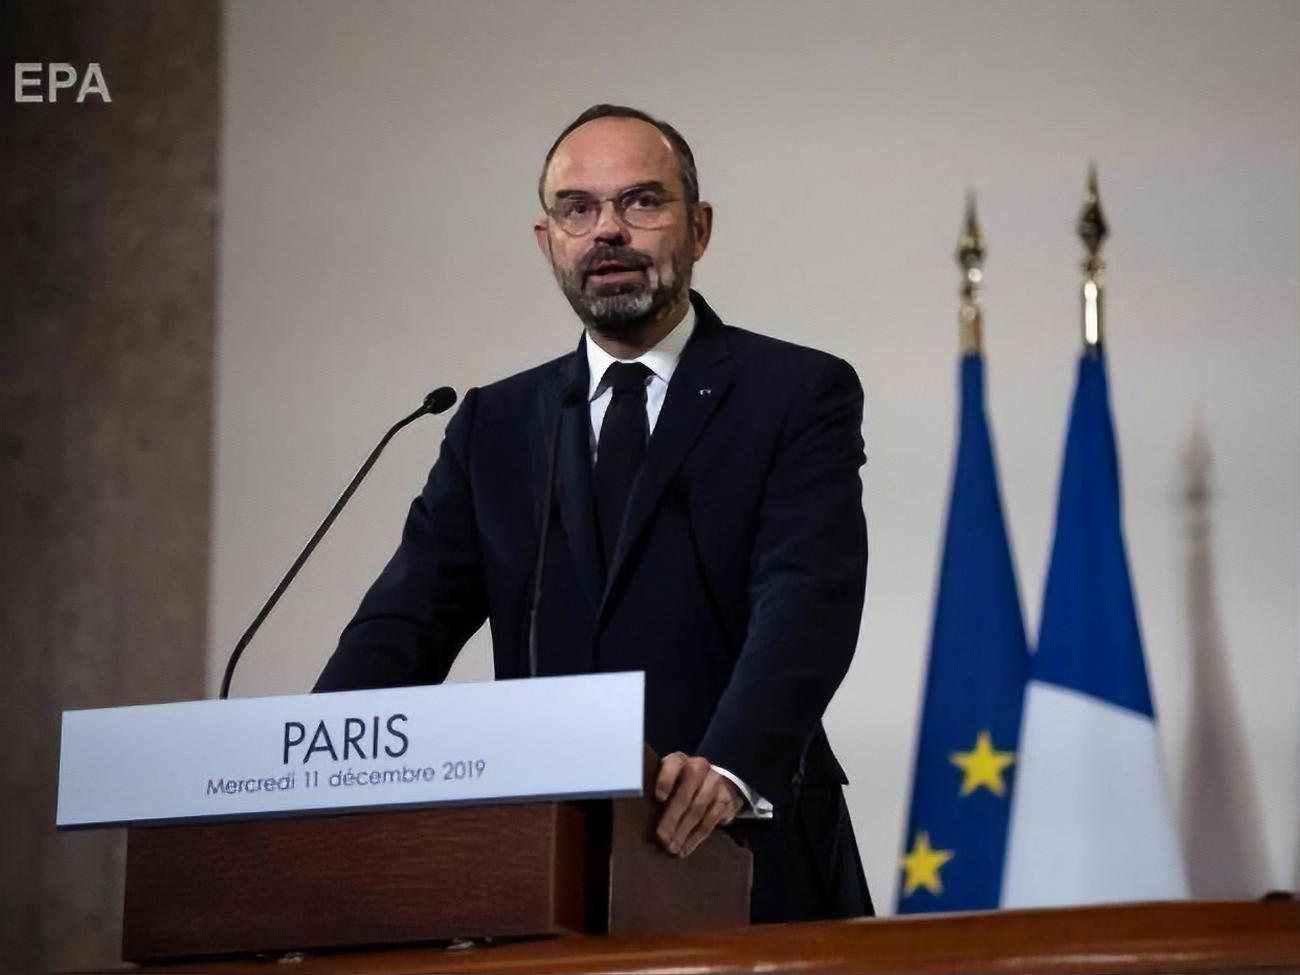 Прем'єр Франції презентував план пенсійної реформи, через яку відбуваються загальнонаціональні страйки